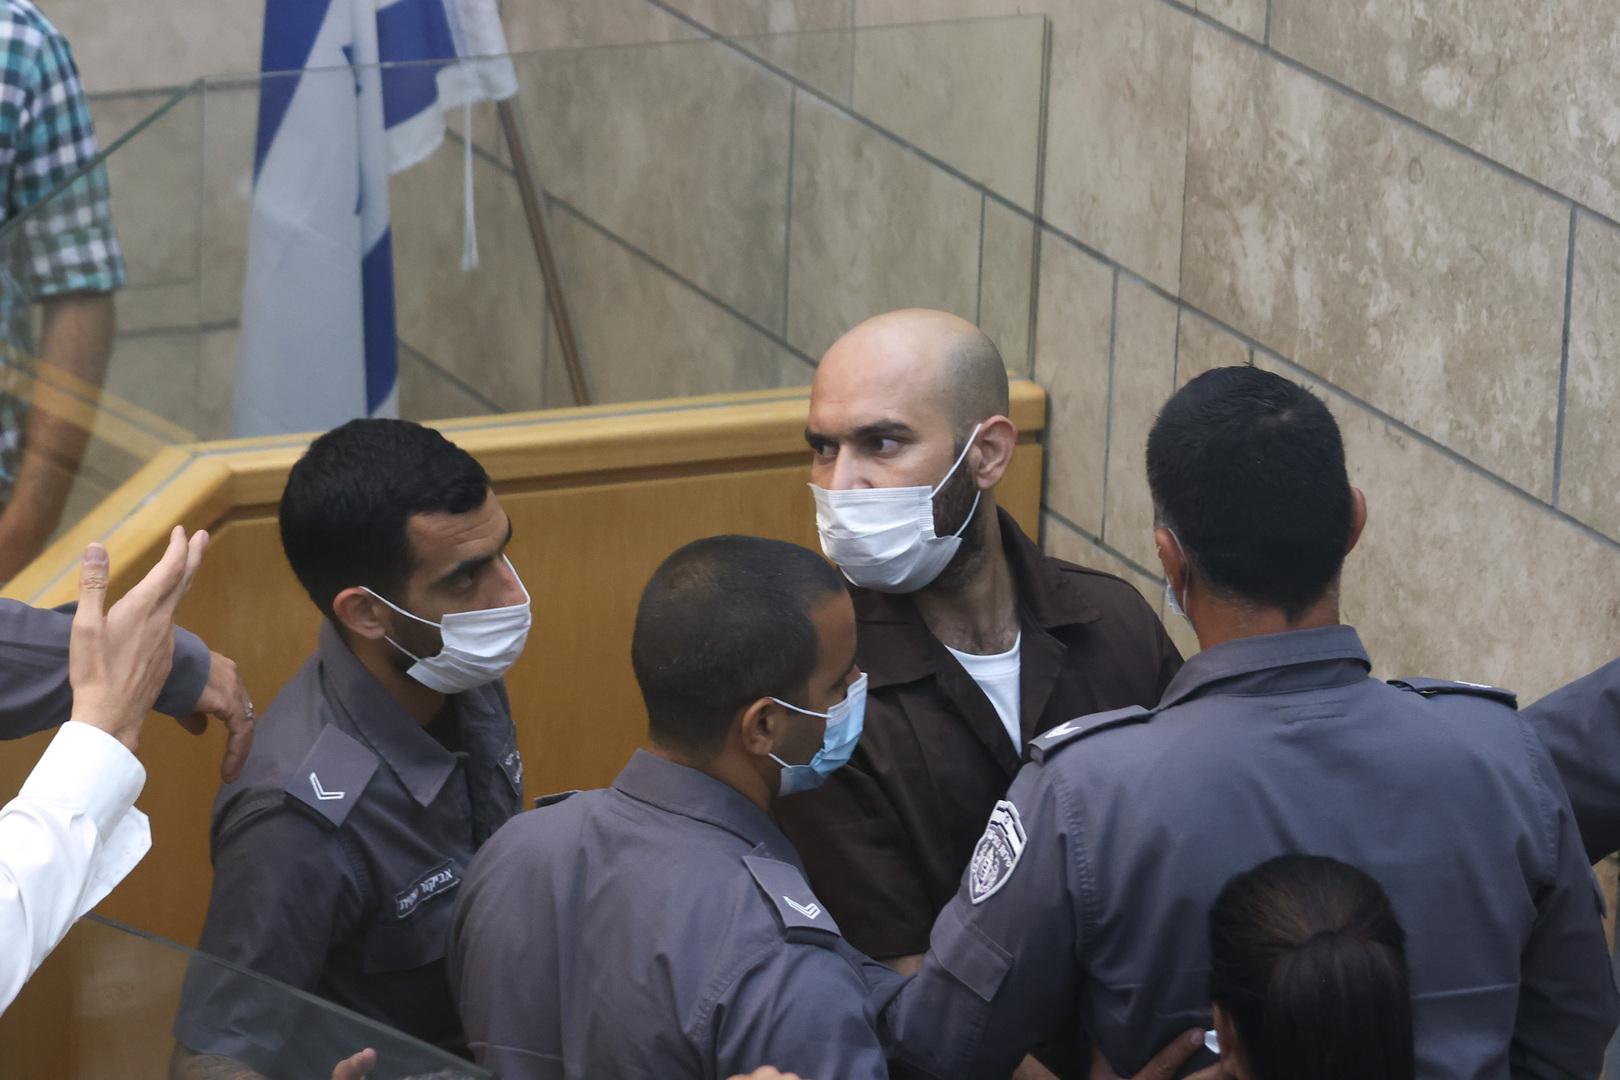 محامي الأسير الفلسطيني أيهم كممجي ينقل عنه تفاصيل جديدة حول التحقيقات معه